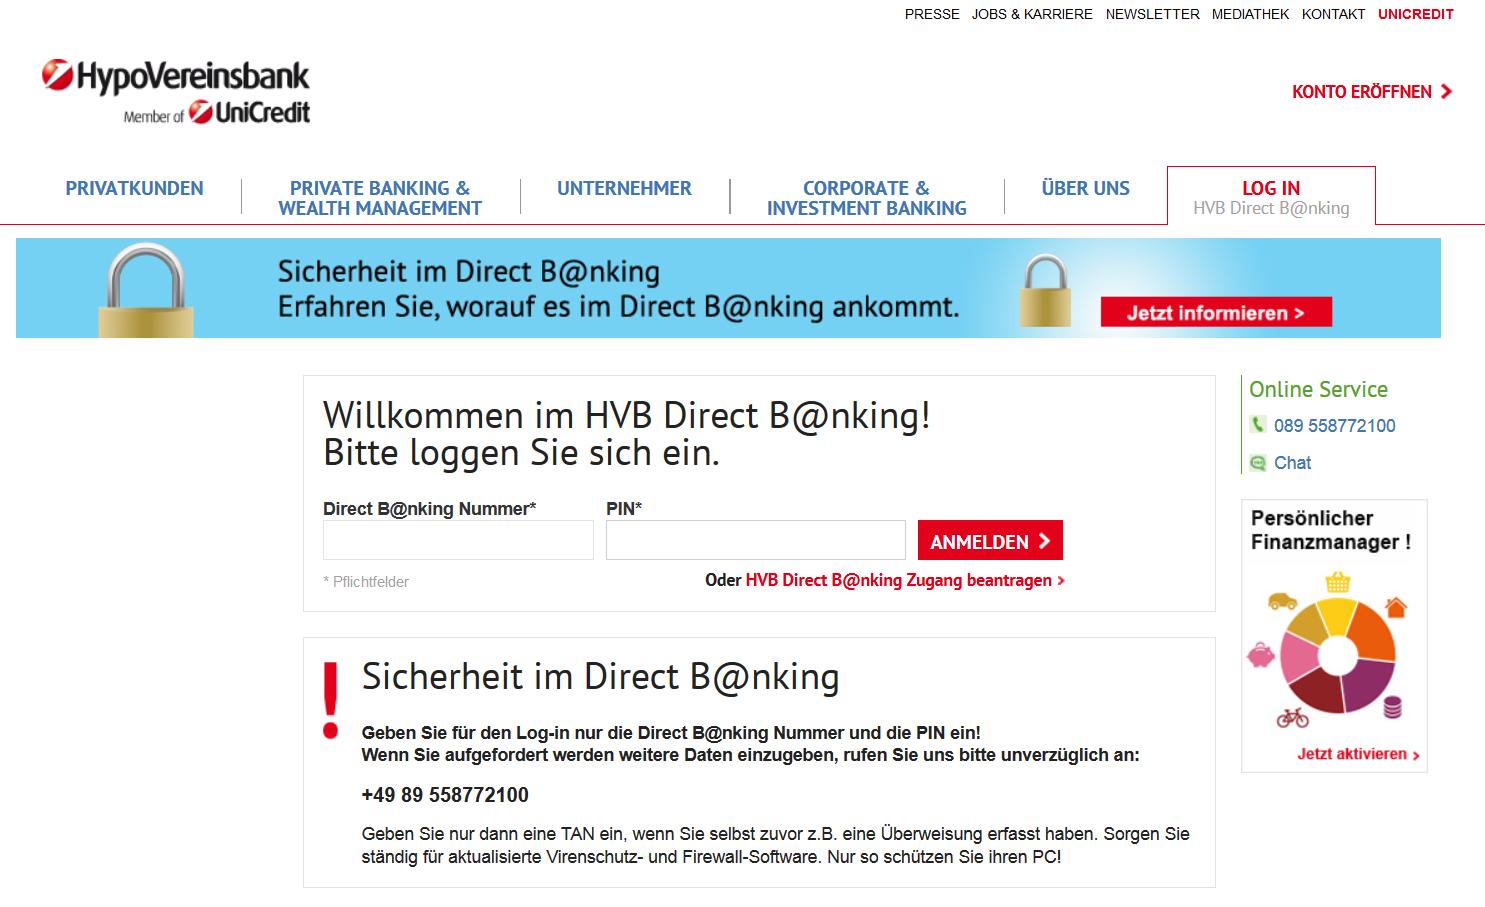 Der Login-Bildschirm für Direct B@nking